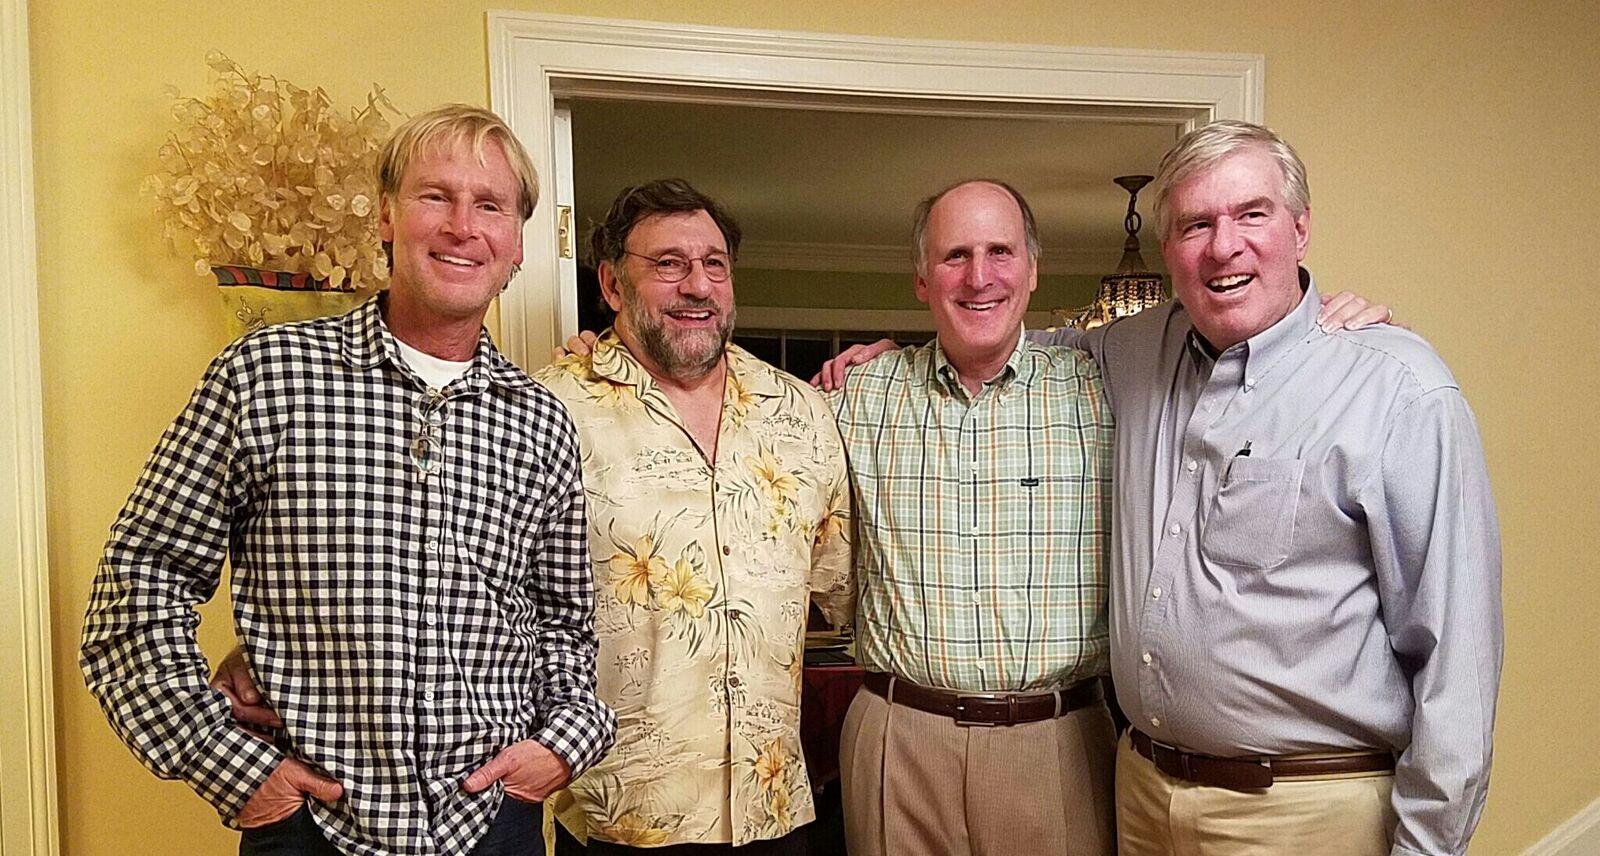 Jack, Matt, Larry and Steve